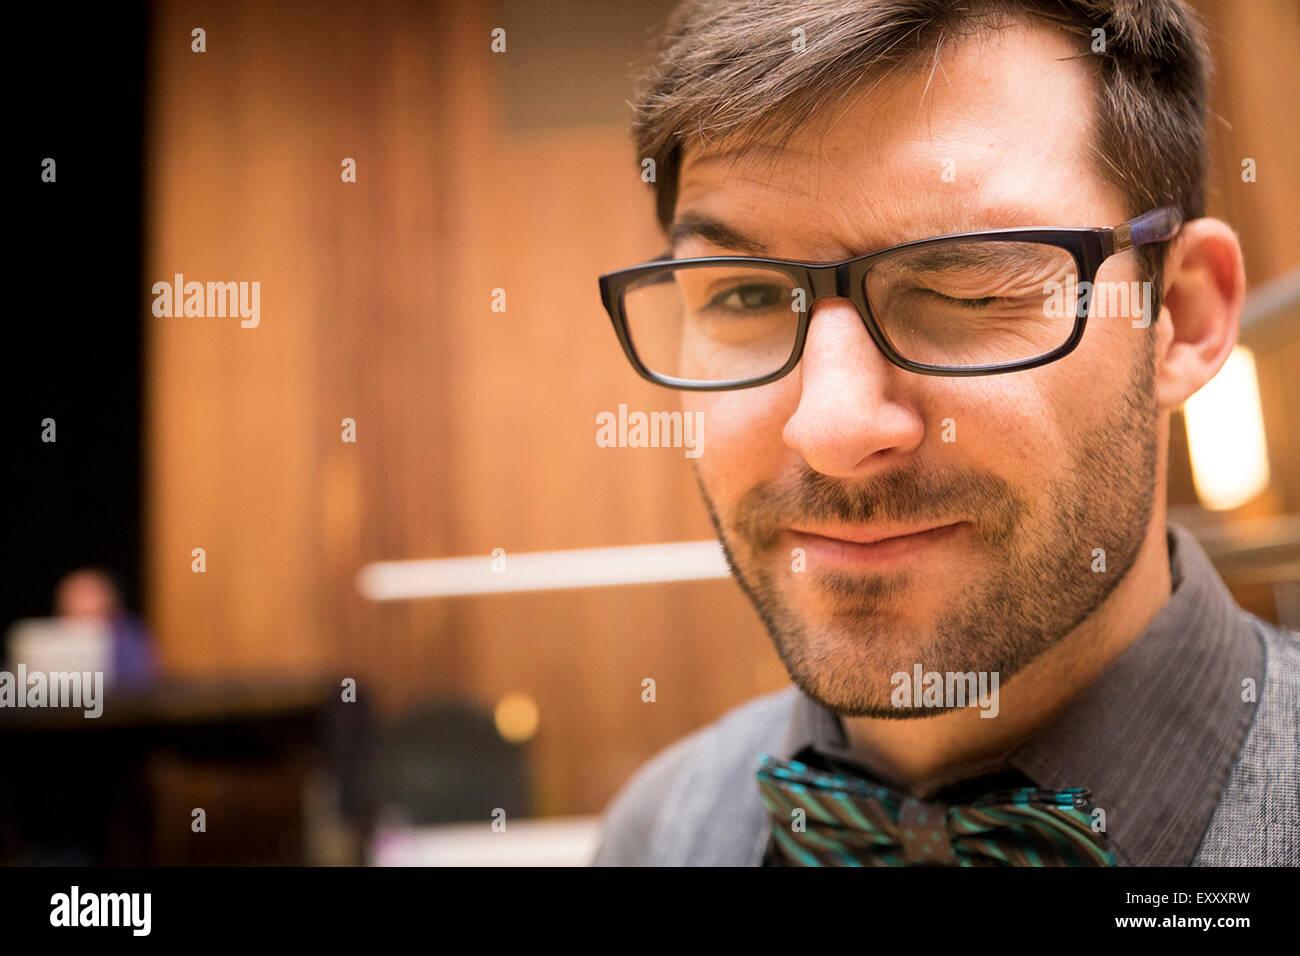 Hombre vestido vestidos de una pajarita y vistiendo una expresión peculiar Imagen De Stock